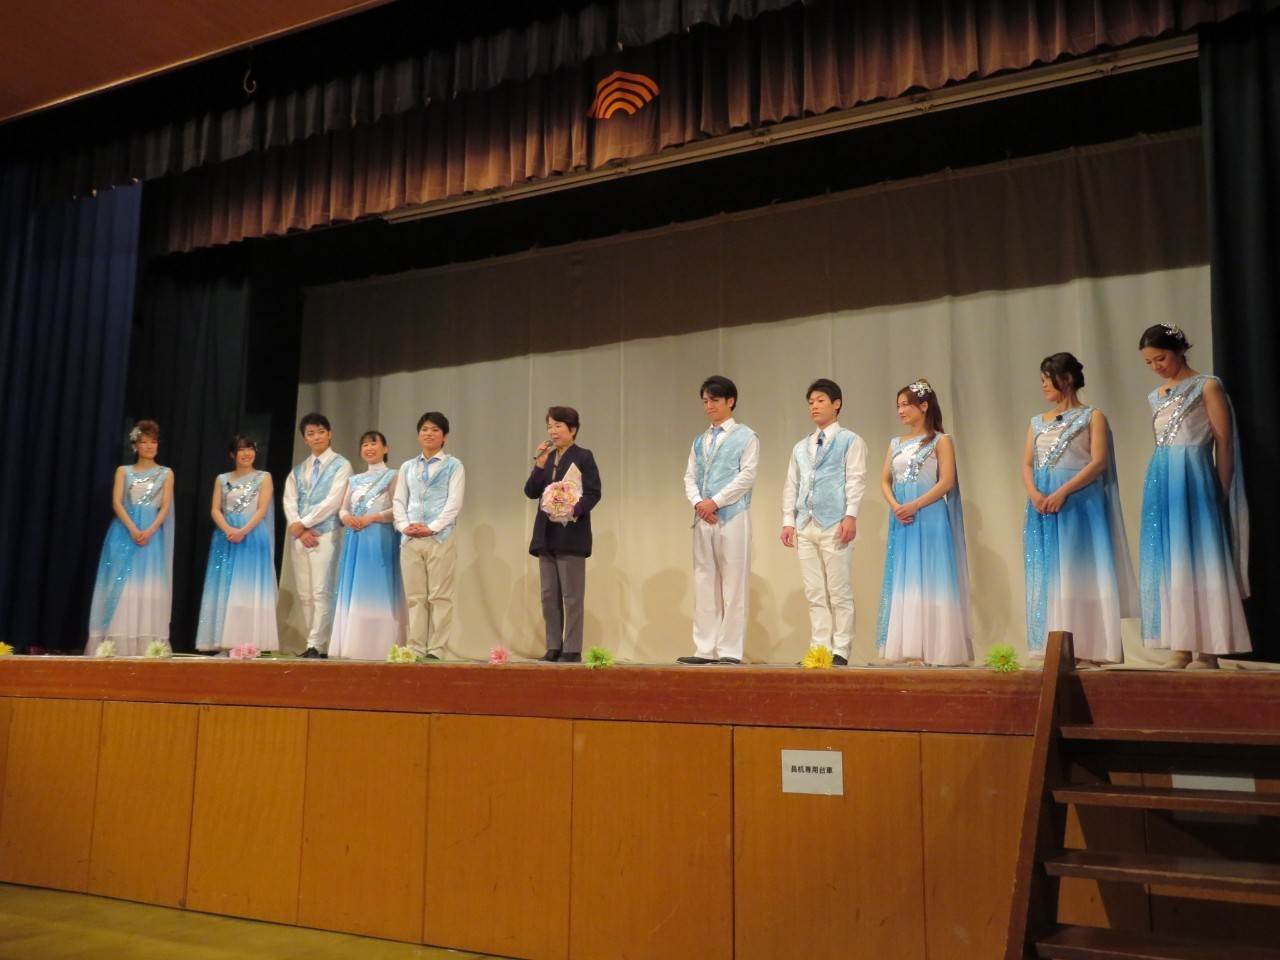 劇団KCM十周年、海南市民会館閉館。感謝をこめて記念コンサート。_b0326483_22174061.jpg